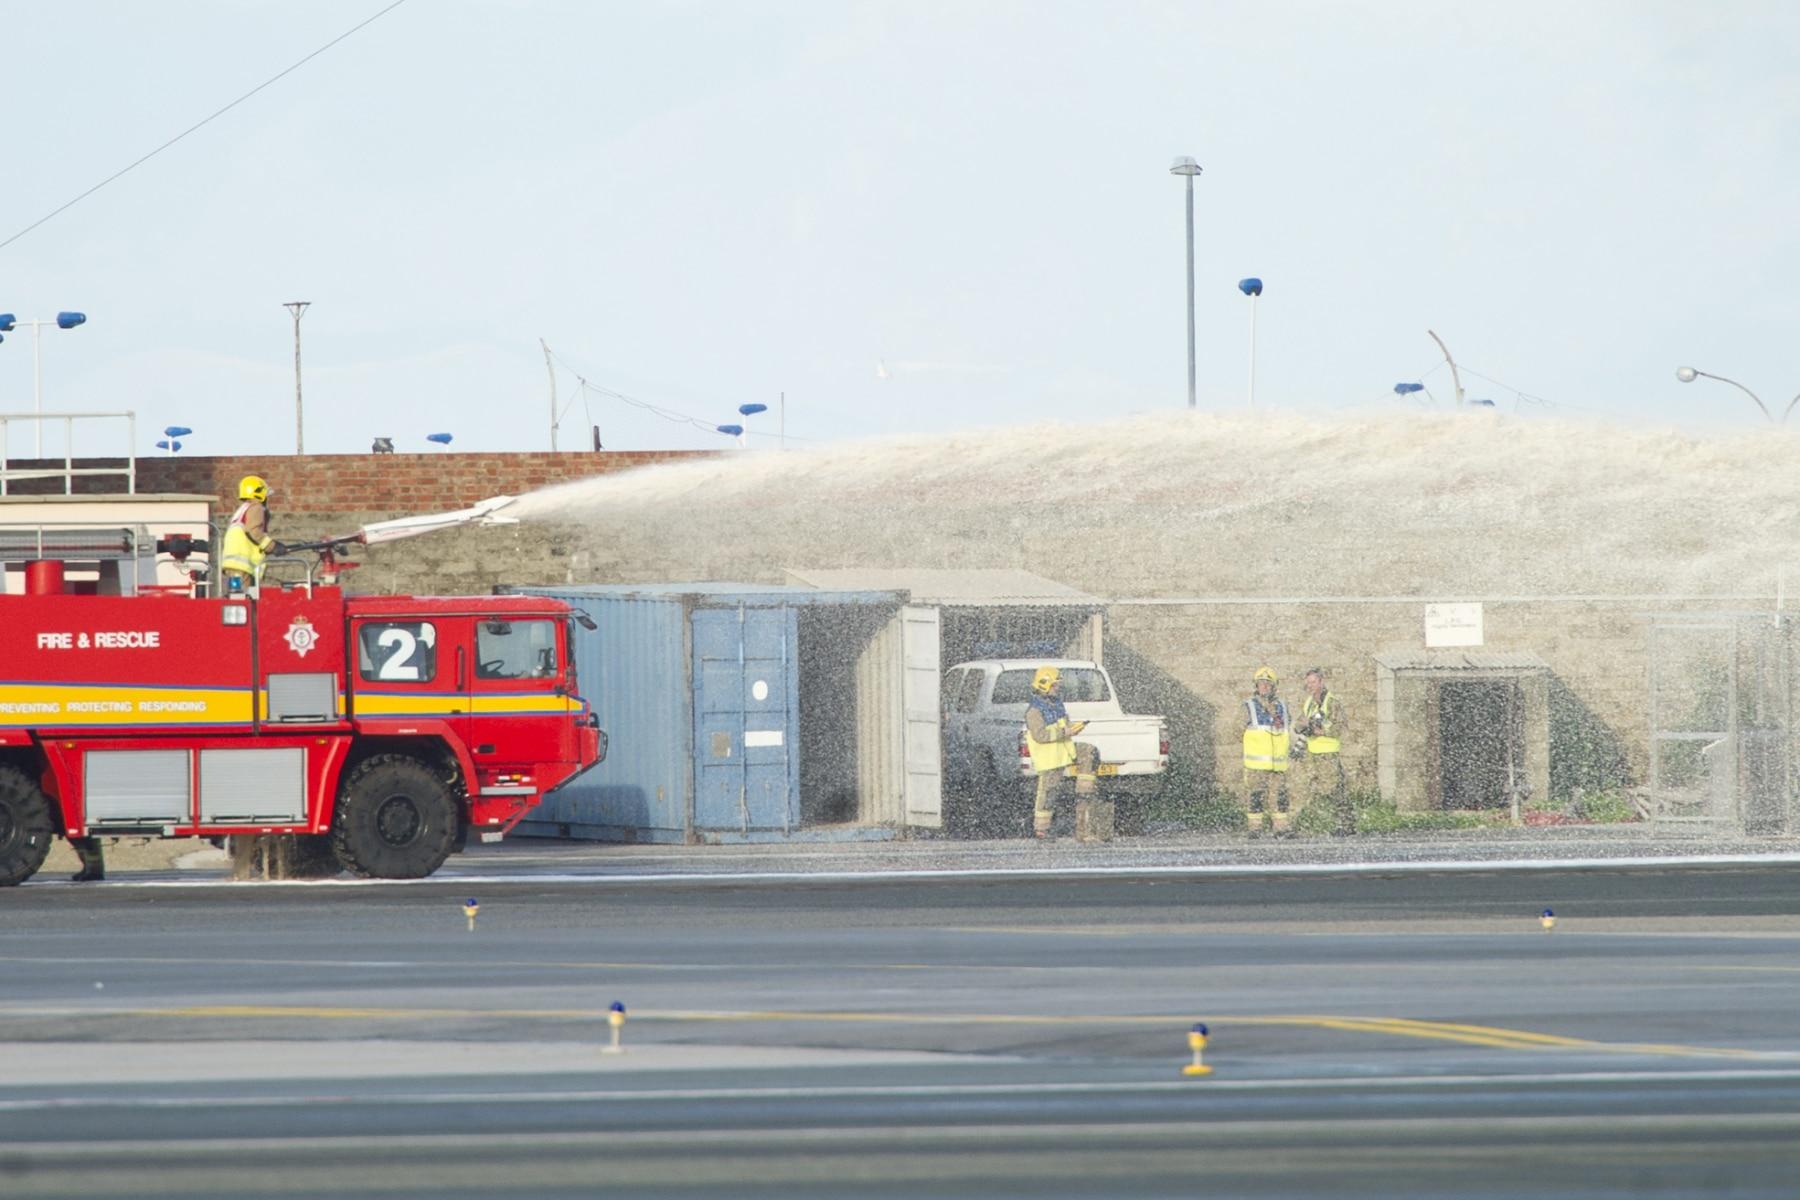 simulacro-accidente-aereo-en-gibraltar-03122014-08_15757896669_o